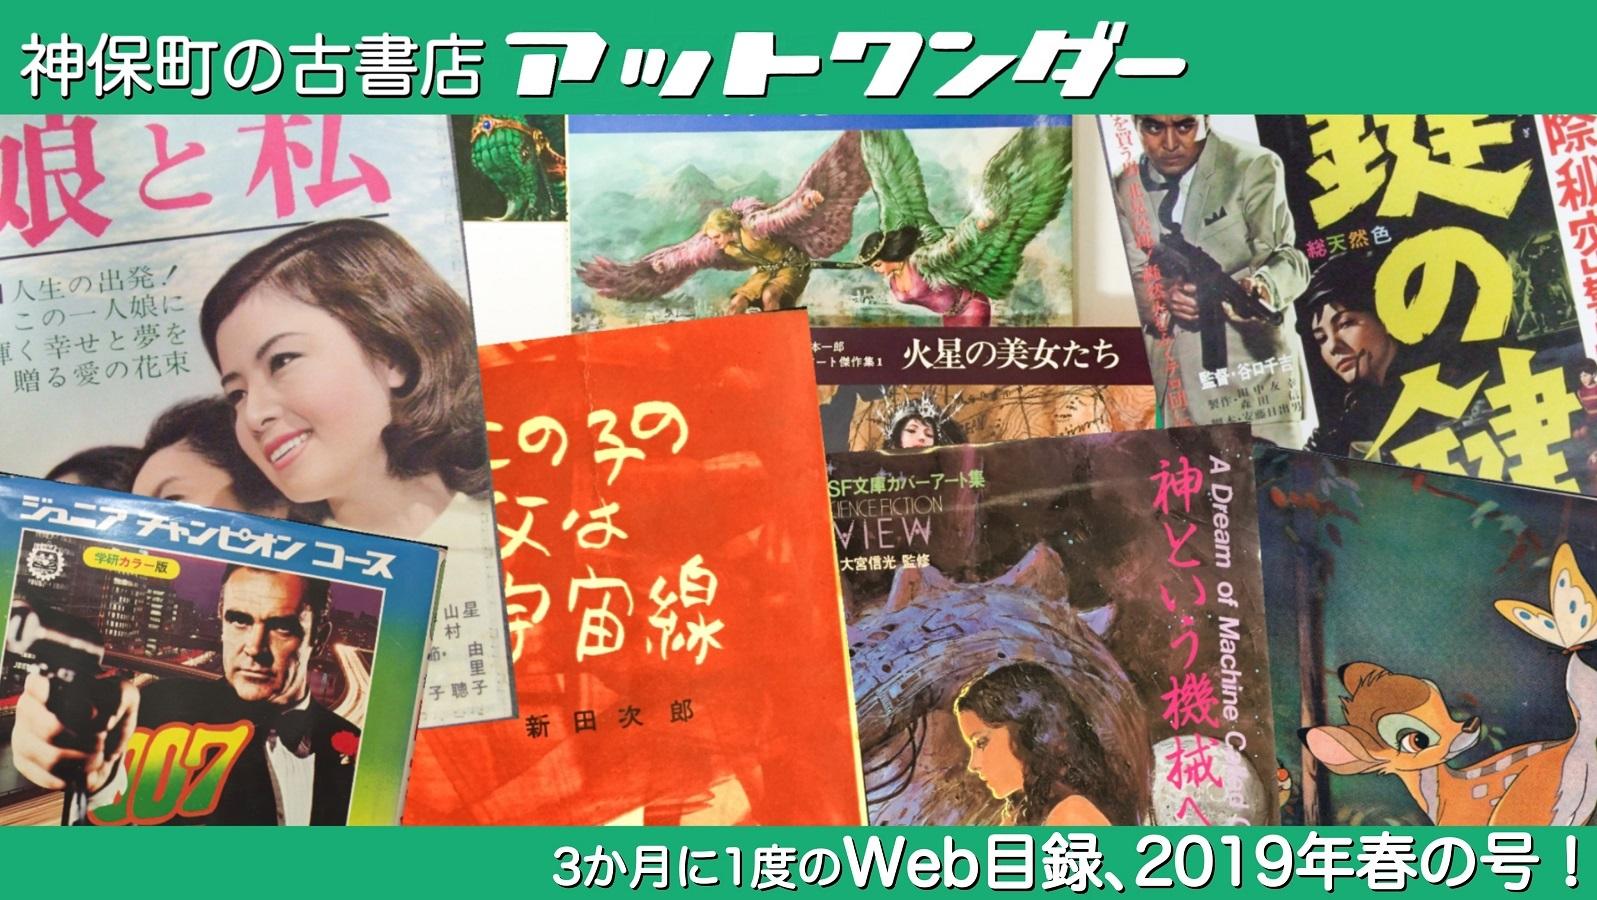 webmokuroku201903a.jpeg